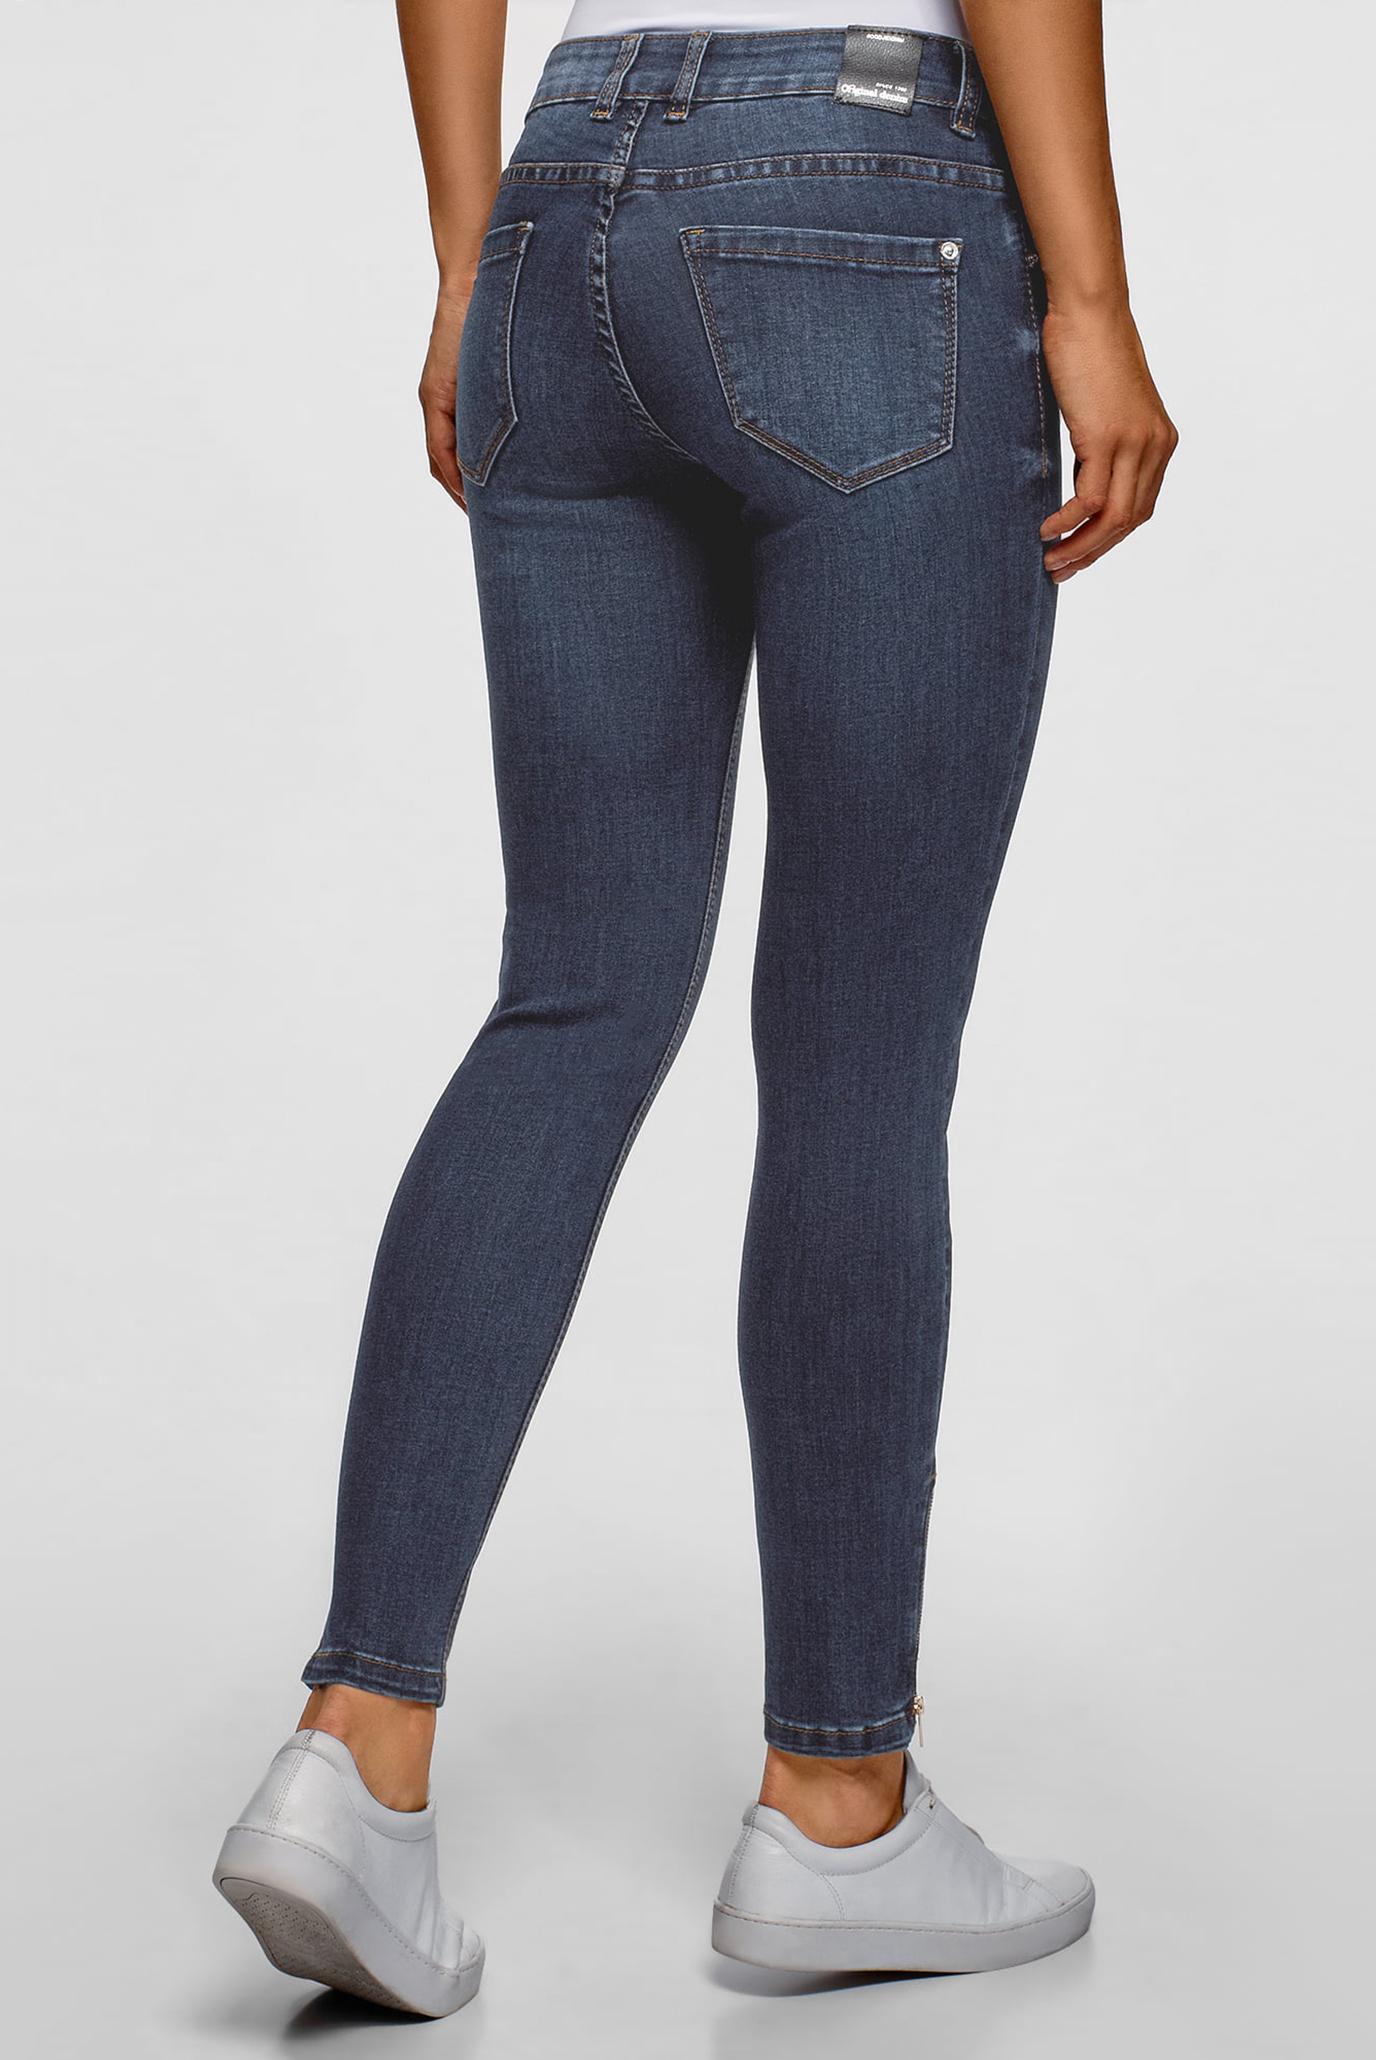 Купить Женские синие джинсы Skinny Oodji Oodji 12106150/47546/7900W – Киев, Украина. Цены в интернет магазине MD Fashion